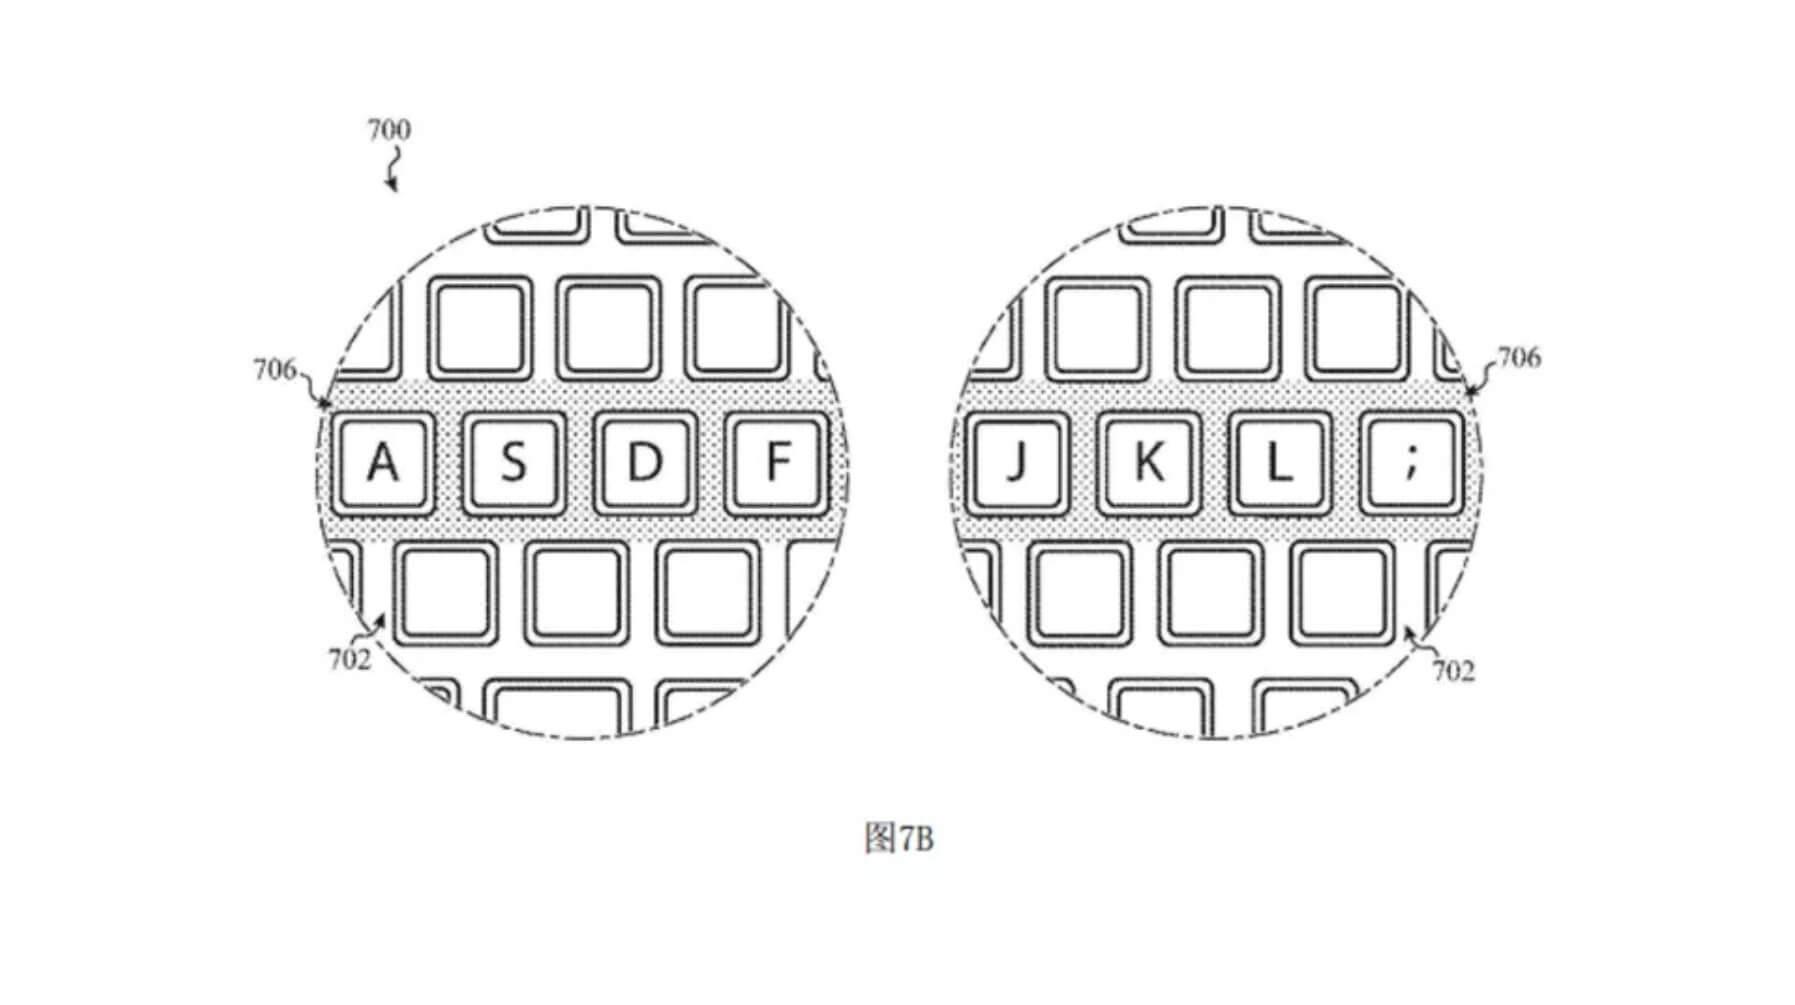 未来的MacBook Pros会不会有六块屏幕?专利文件说有可能